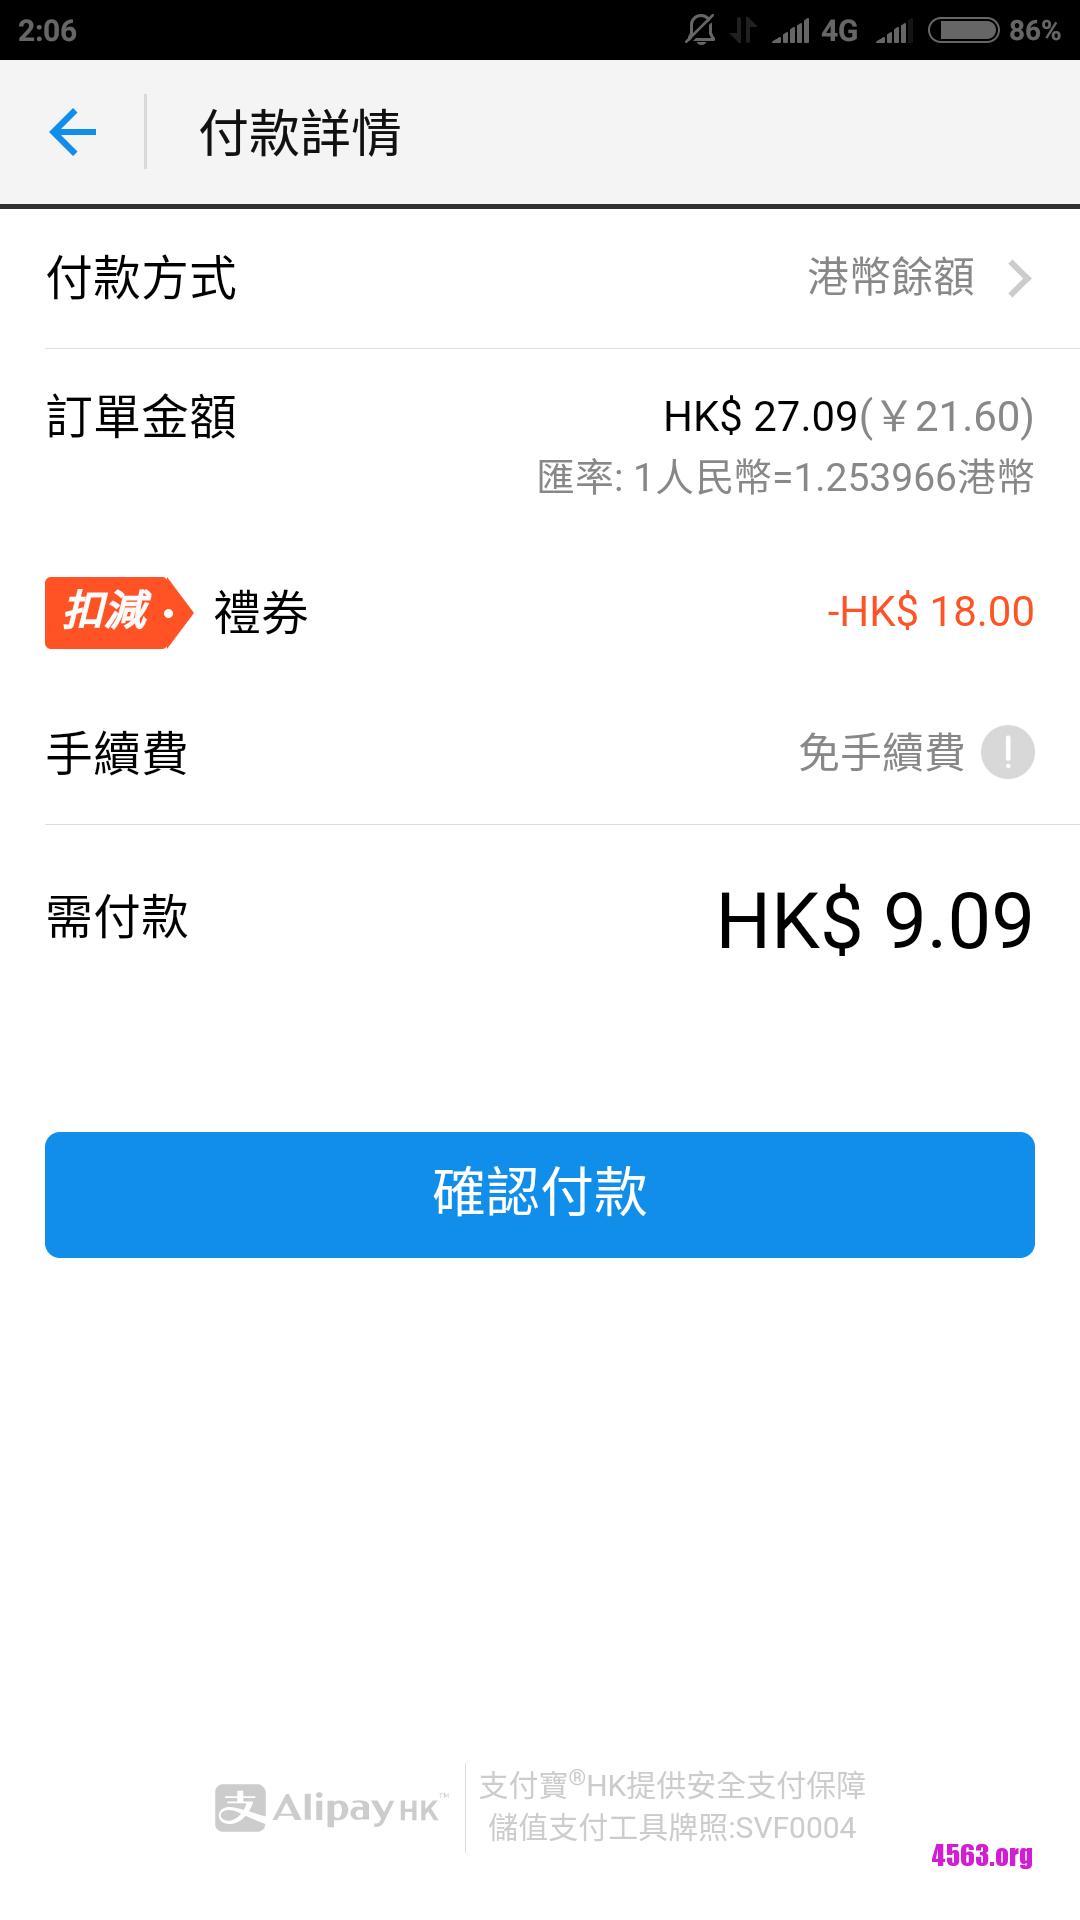 《支付寶HK禮券消費指南 - 7-11及淘寶購物》